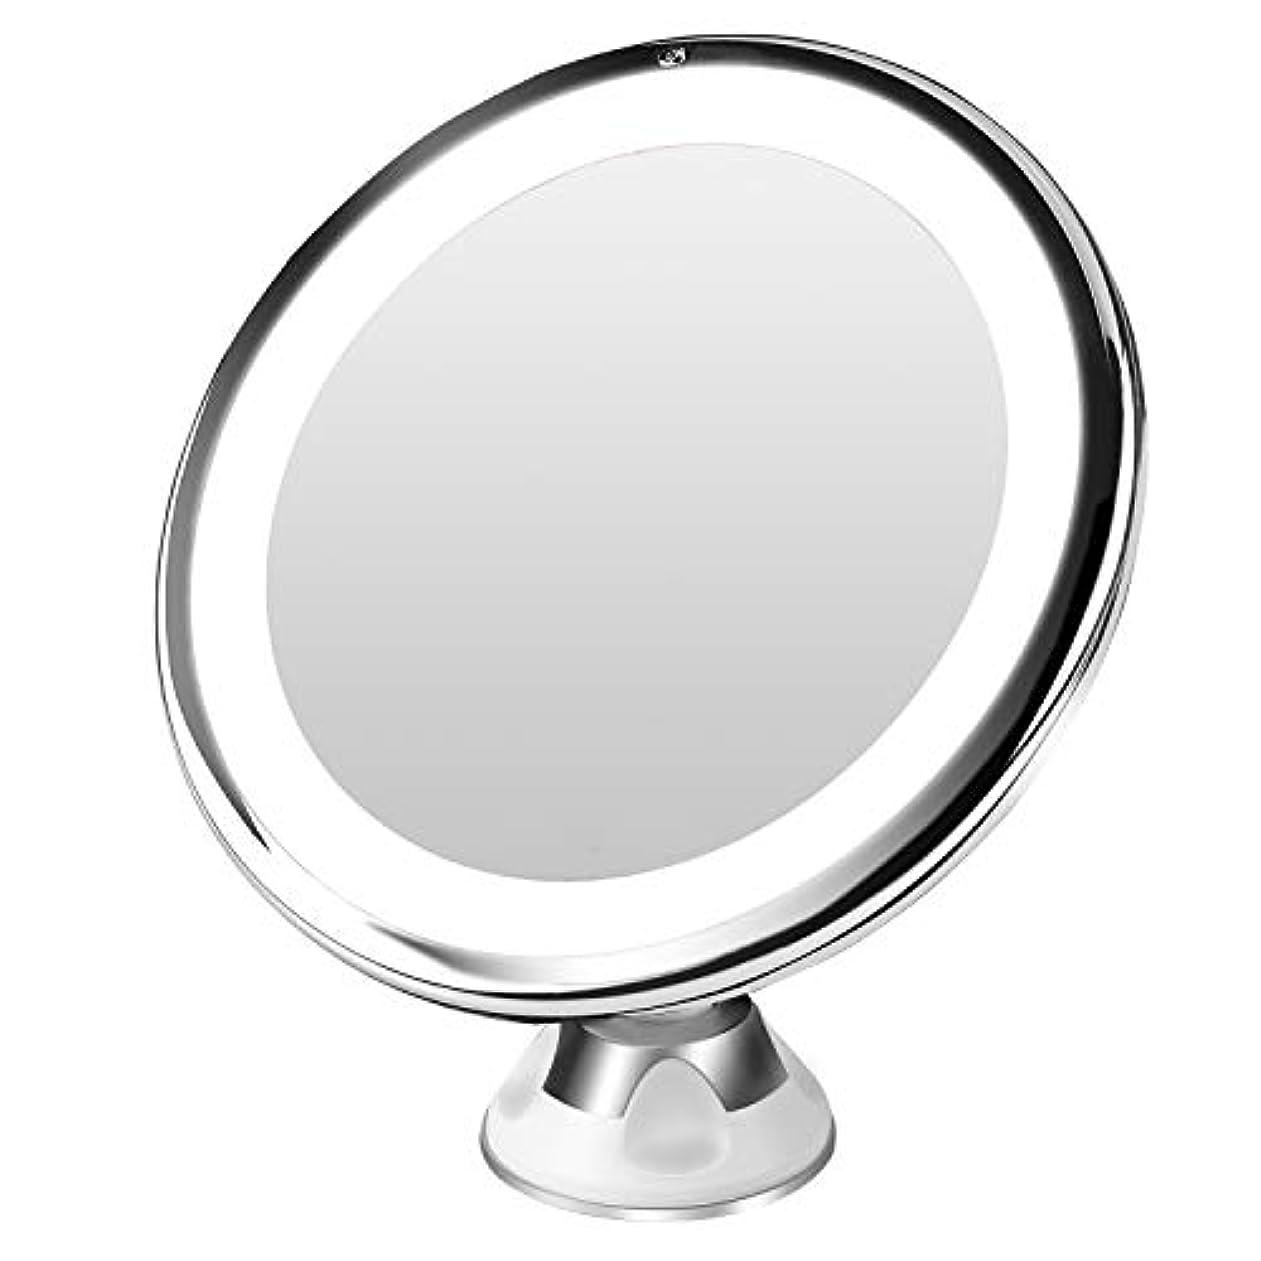 知覚的イブニング浮くBESTOPE 10倍拡大鏡 LED化粧鏡 浴室鏡 卓上鏡 曇らないミラー 吸盤ロック付きLEDミラー 壁掛けメイクミラー 360度回転スタンドミラー 単四電池&USB給電(改良版)